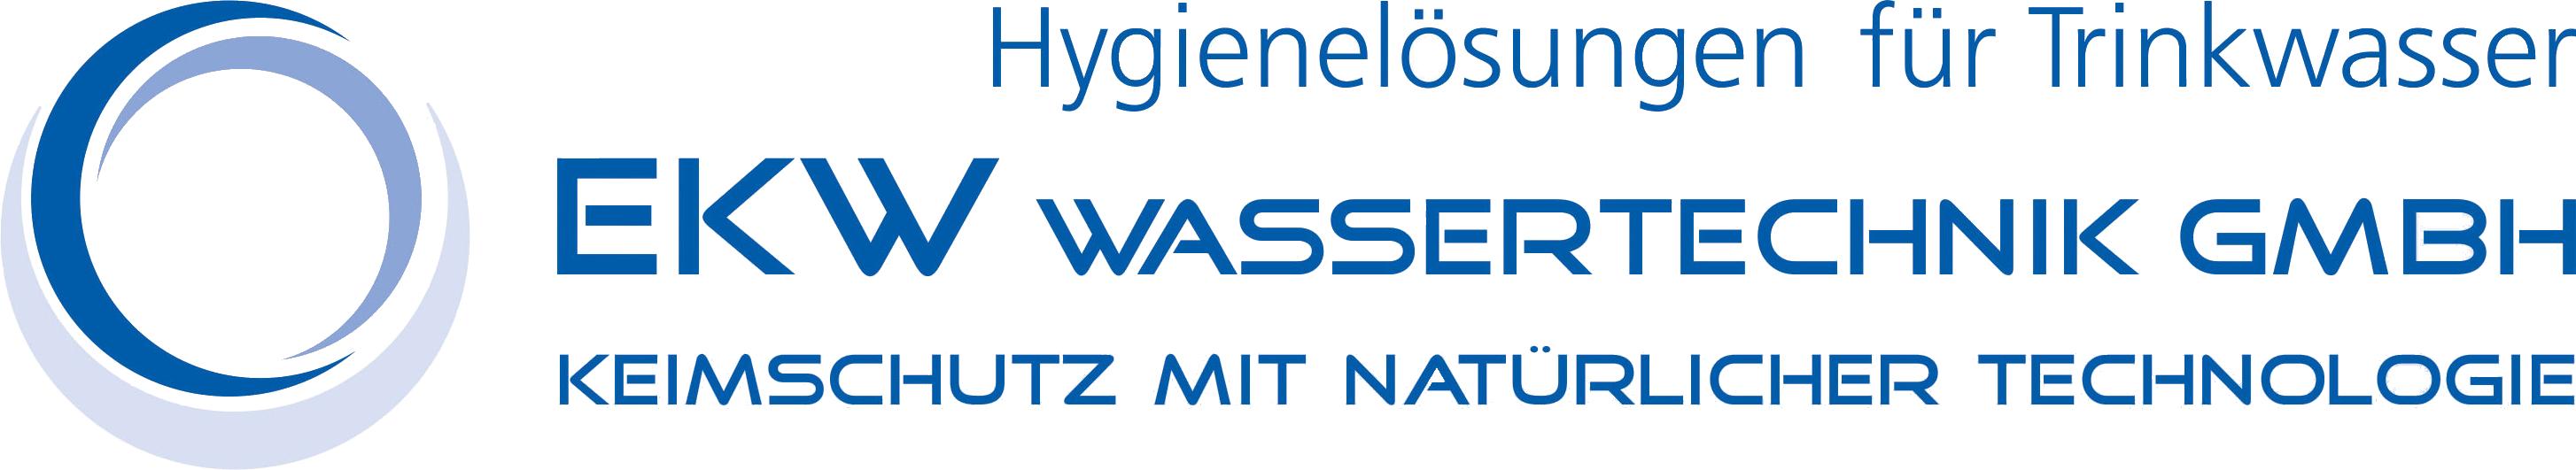 ekw-logo-transparent-color